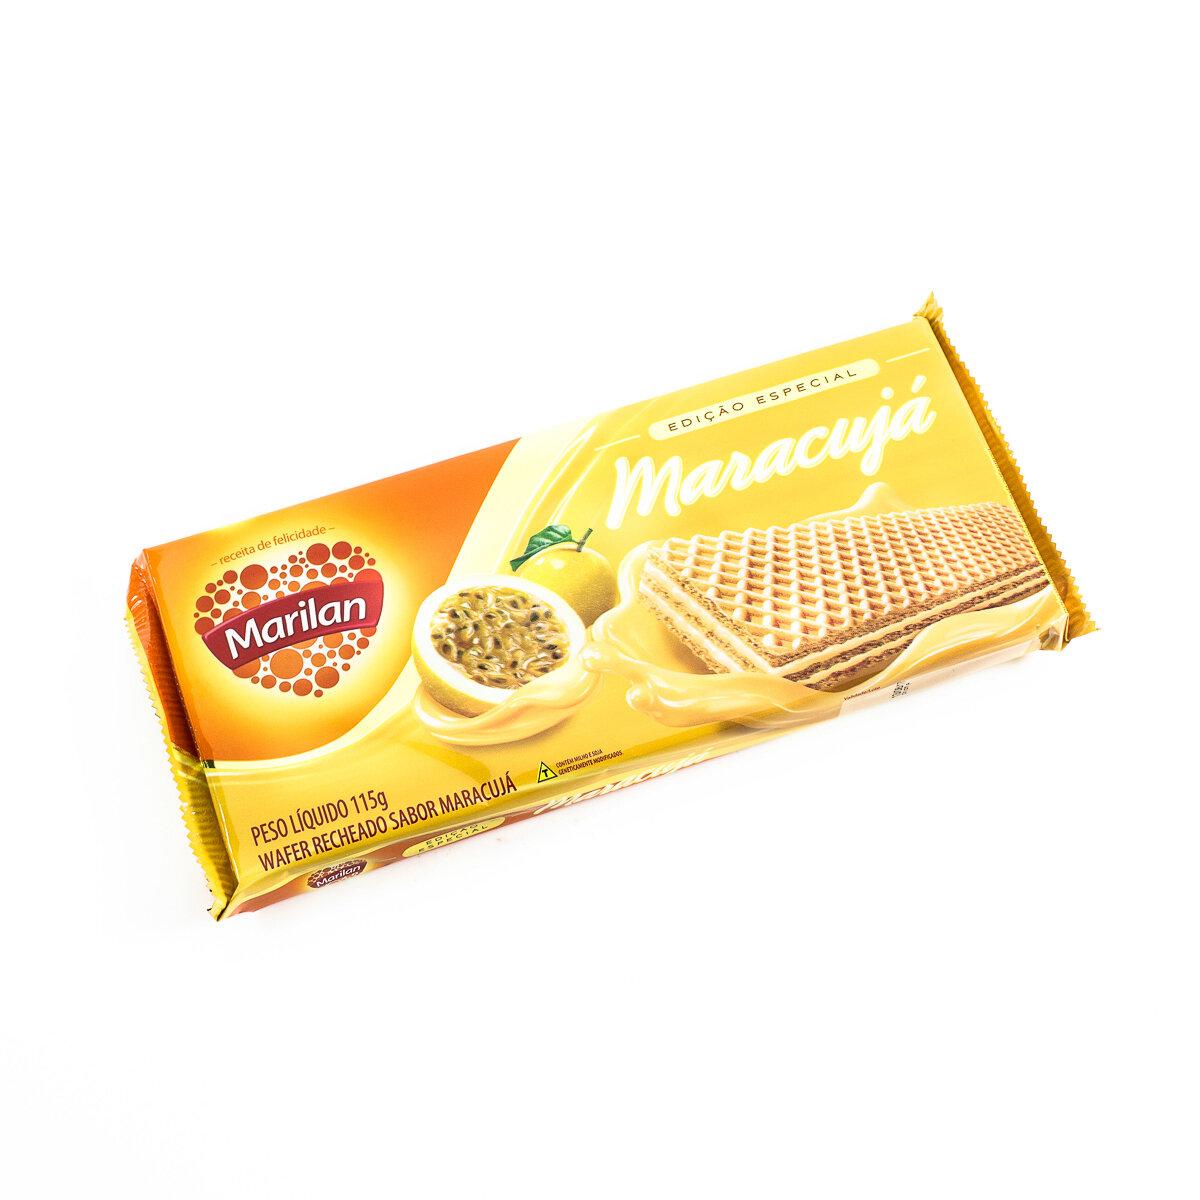 * Marilan Vanilla Wafer 115 Grams